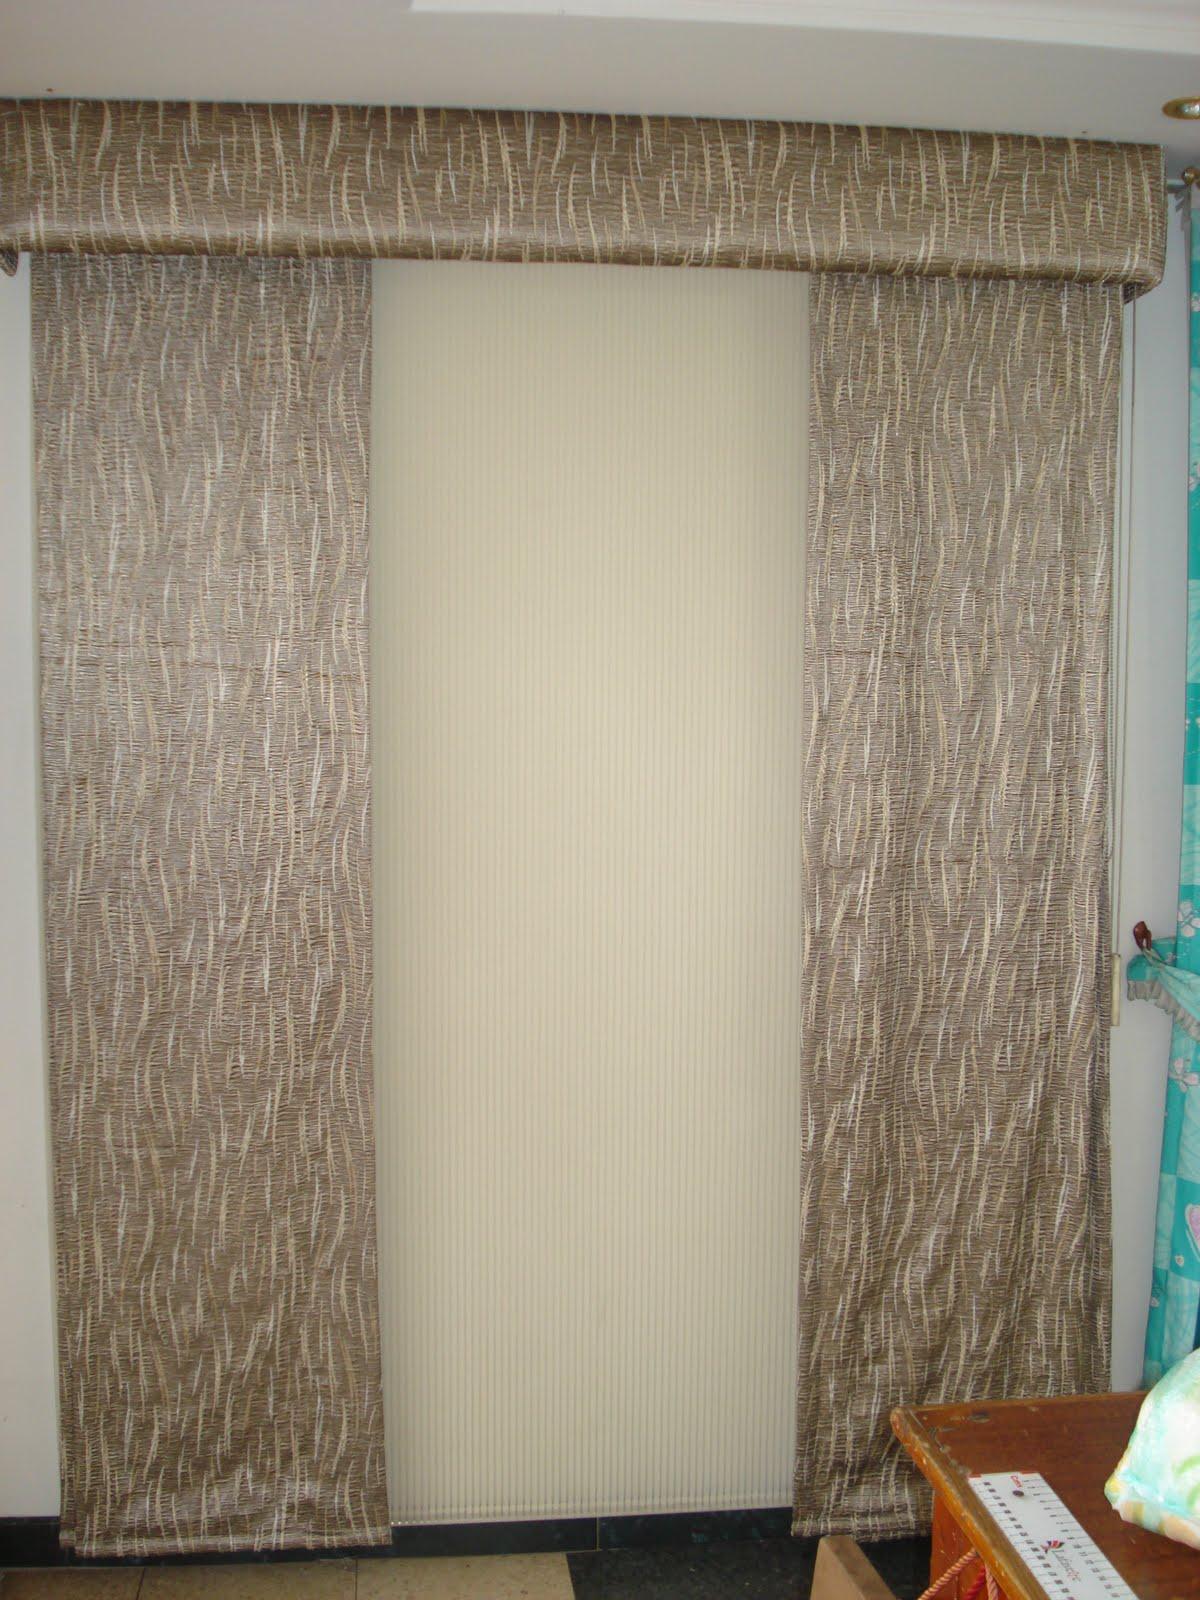 Accesorios para el hogar zajema ultimas tedencias en - Accesorios para cortinas ...